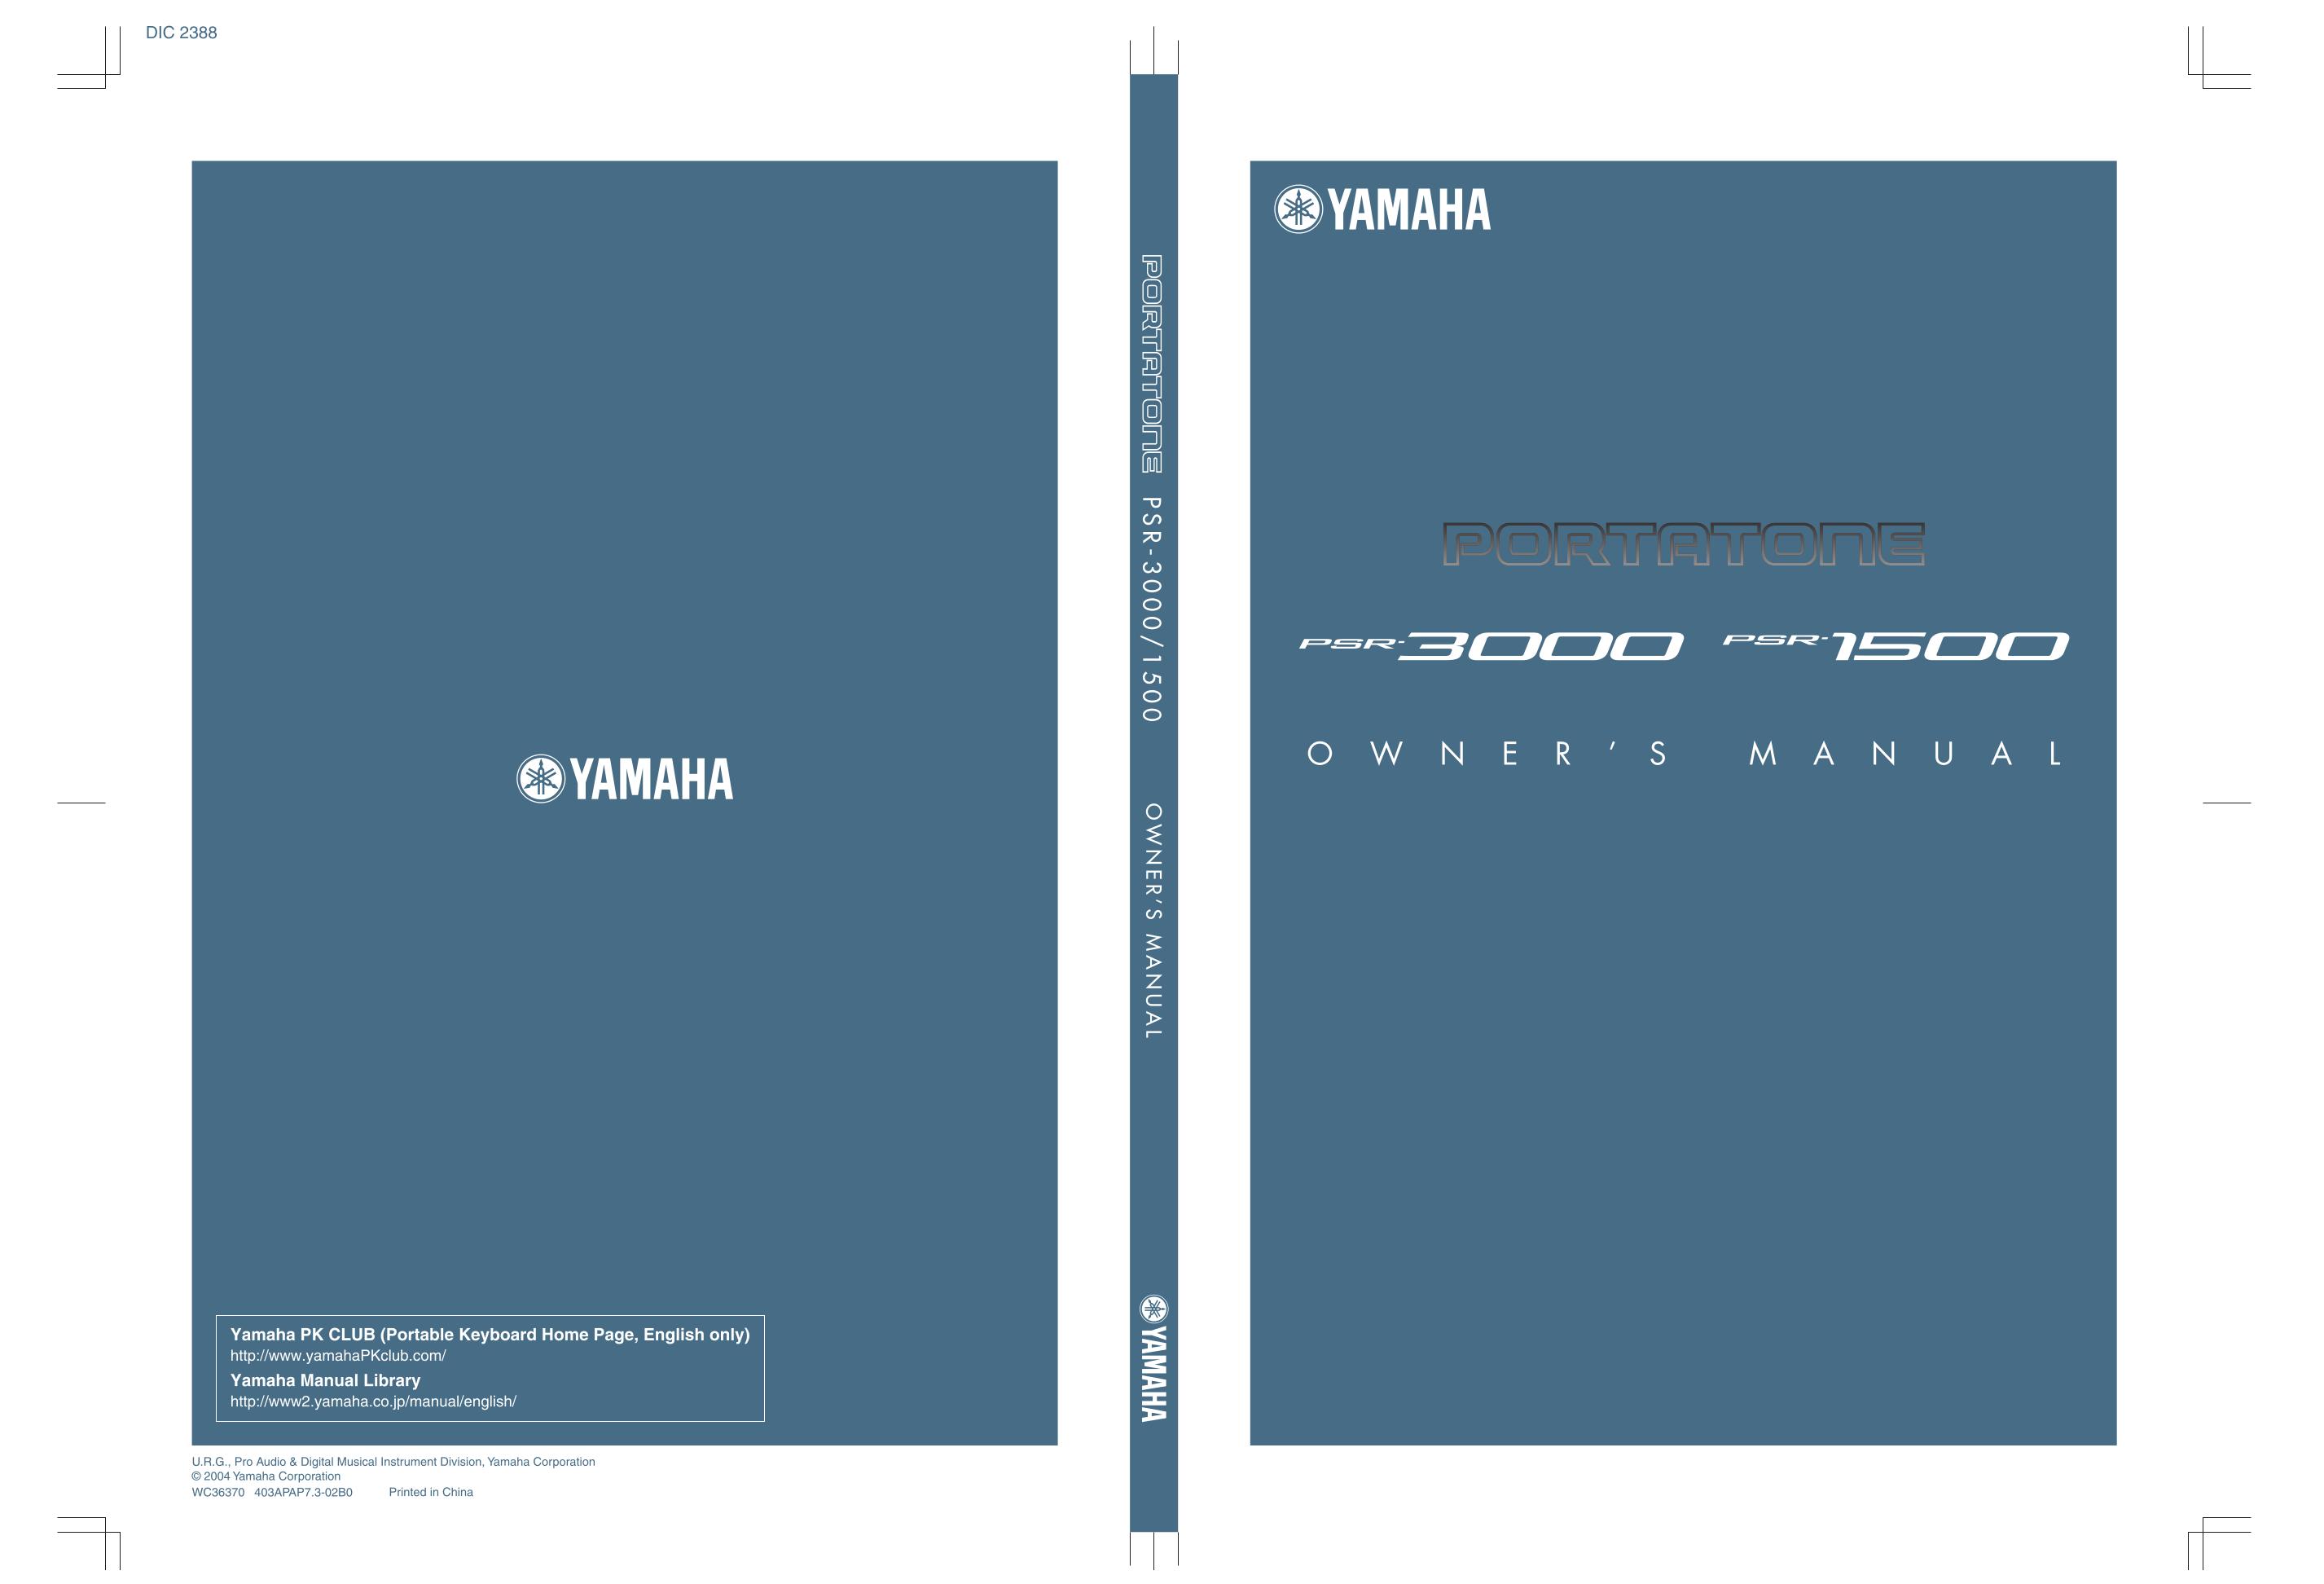 Download free pdf for Yamaha PSR-2100 Music Keyboard manual